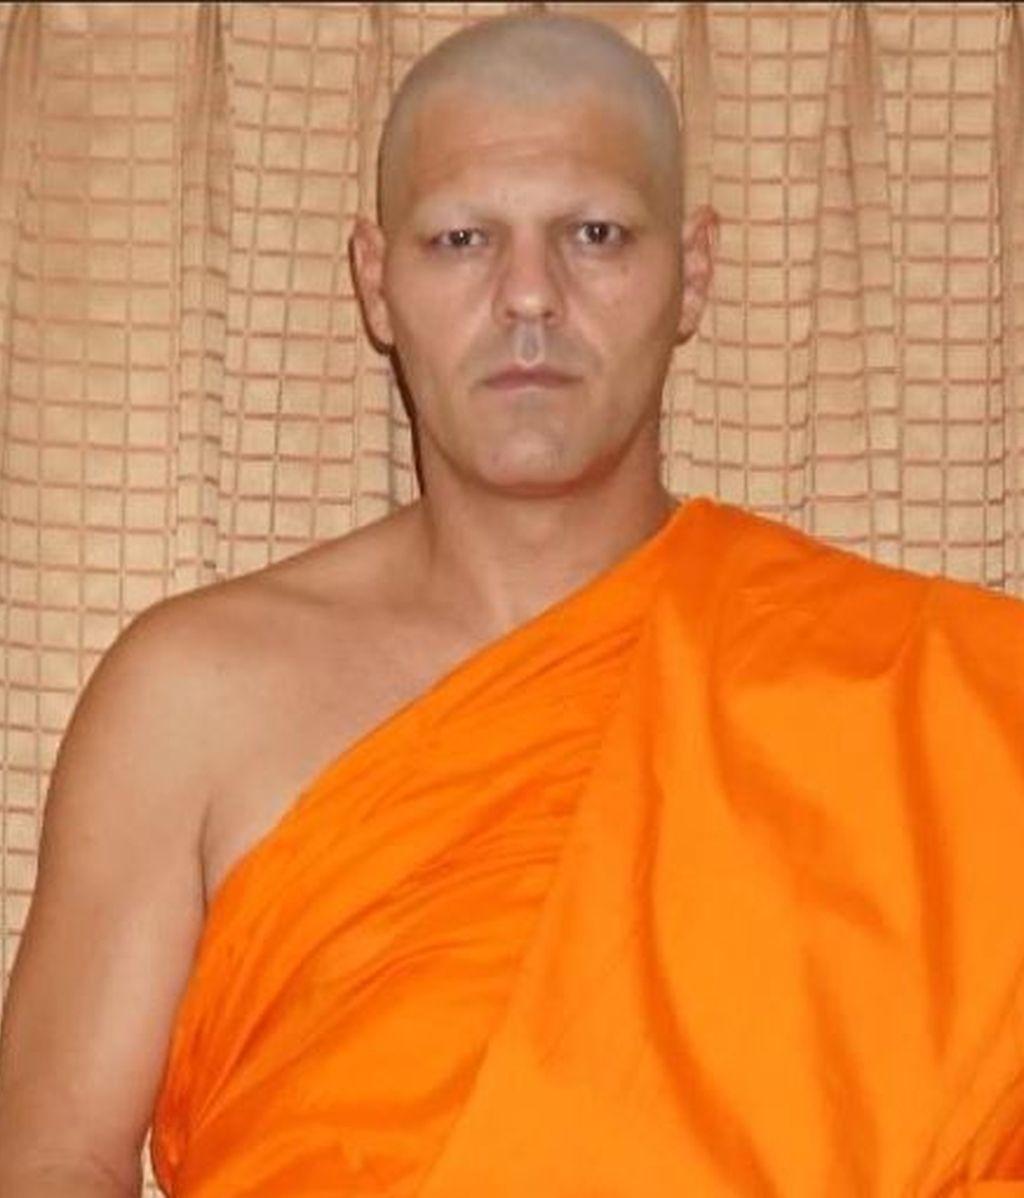 Frank Cuesta decide raparse y convertirse en un monje tibetano las próximas 4 semanas